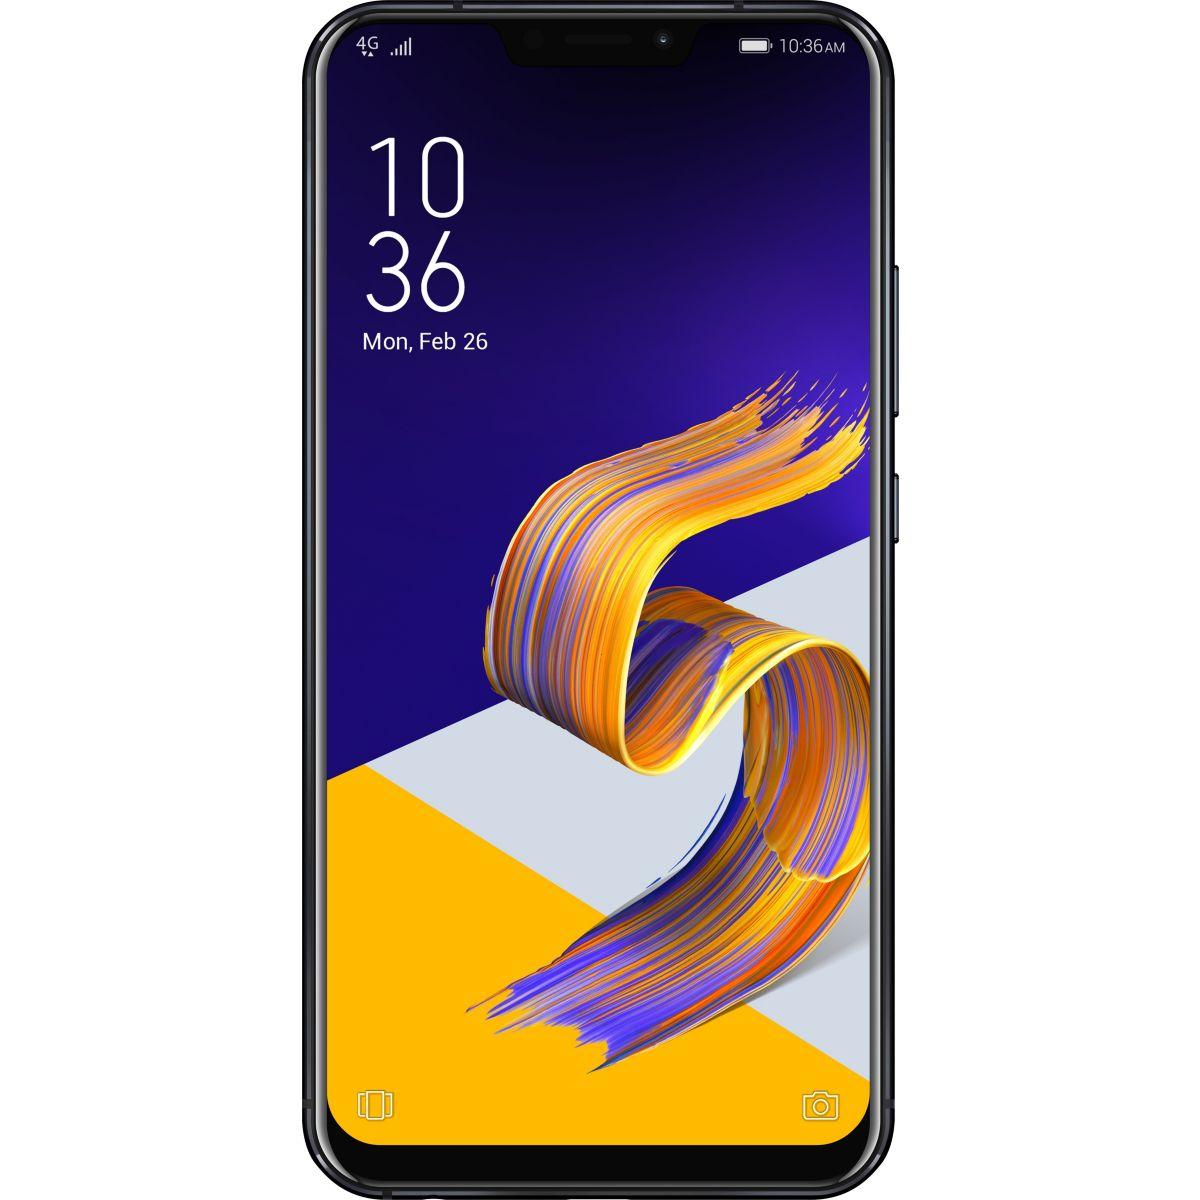 Smartphone ASUS Zenfone 5Z 6G/64G Midnight Blue